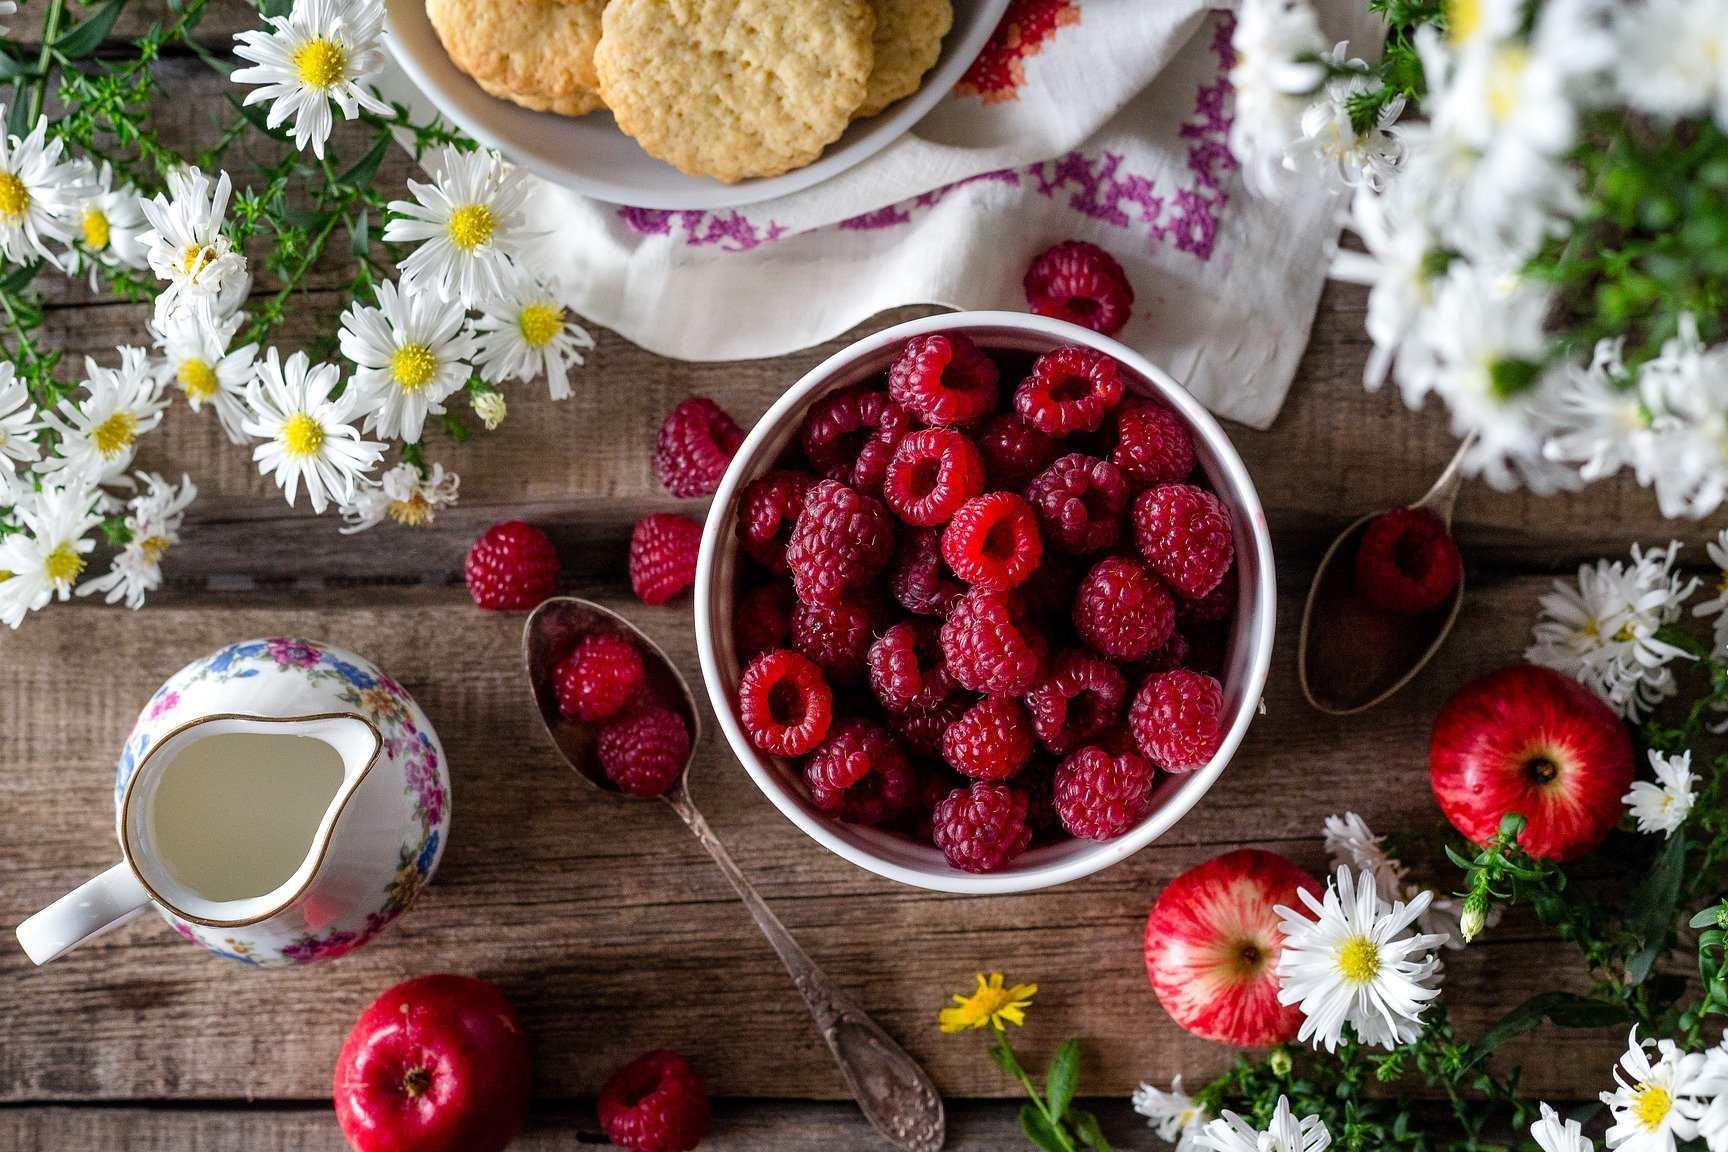 La manera más fácil de añadir frutas y verduras a nuestra dieta